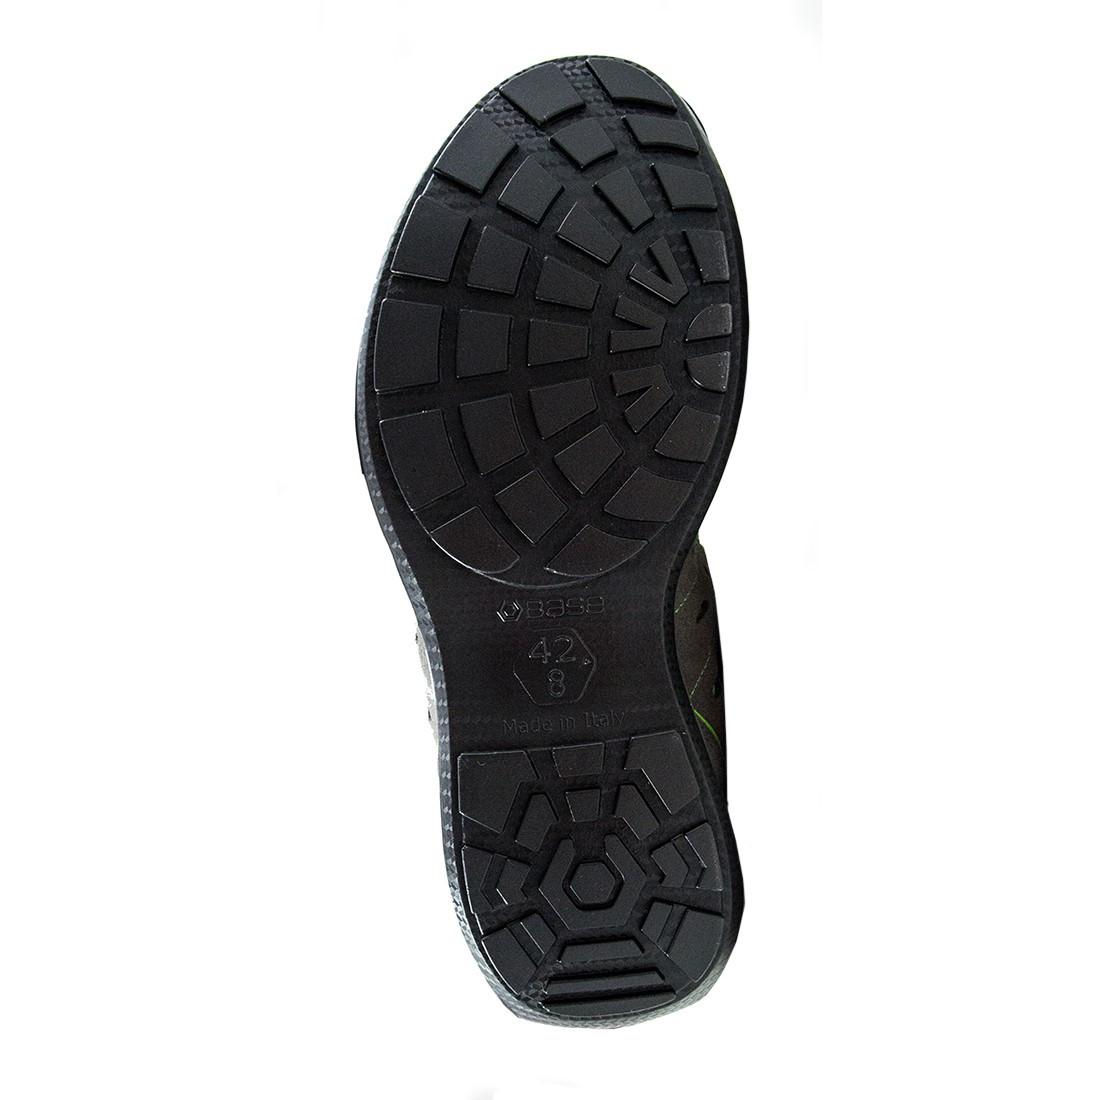 Pantofi Frisbee S1P ESD SRC - Incaltaminte de protectie